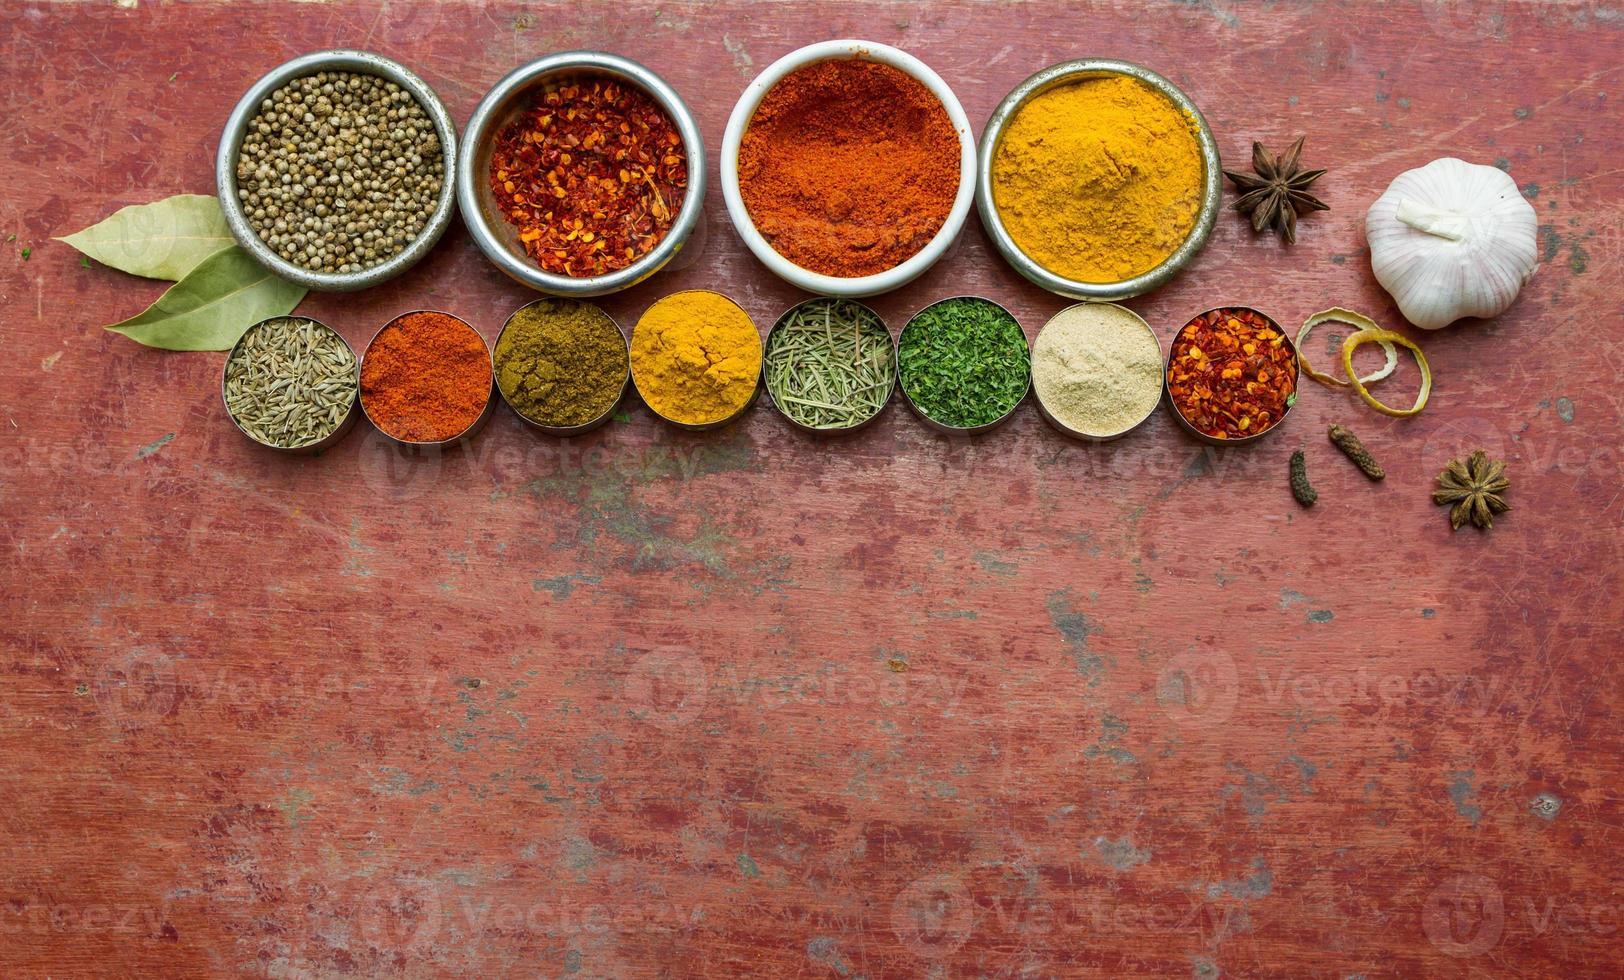 épices et herbes mélangées ingrédients alimentaires et de cuisine backgro rouge photo